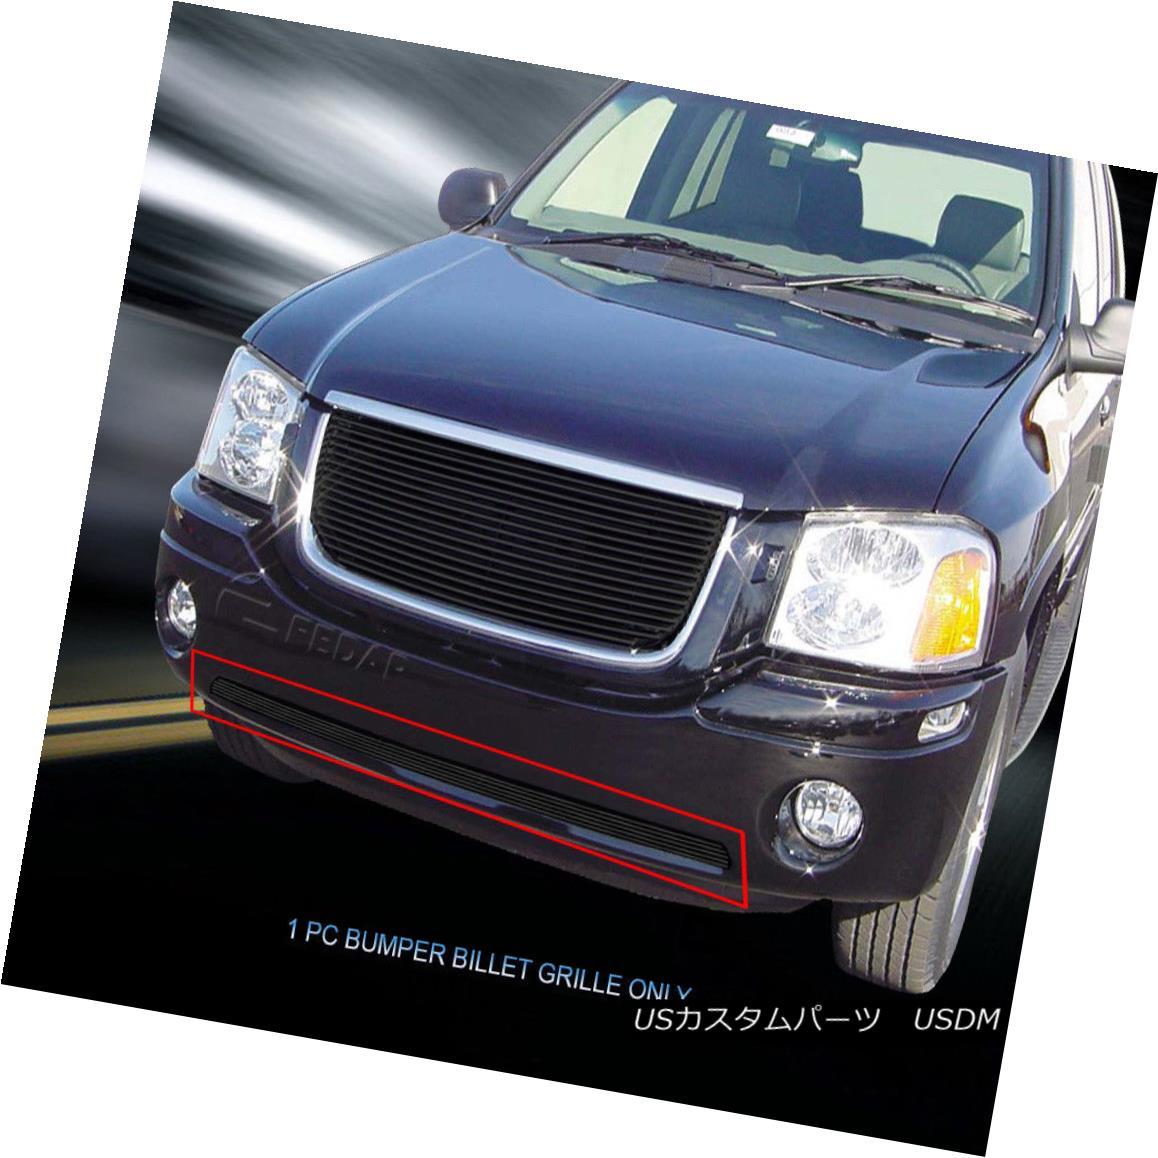 グリル Fits 2001 - 2009 GMC Envoy Black Billet Grille Lower Bumper Grill Insert Fedar フィット2001 - 2009 GMCエンボイブラックビレットグリルロワーバンパーグリルインサートFedar